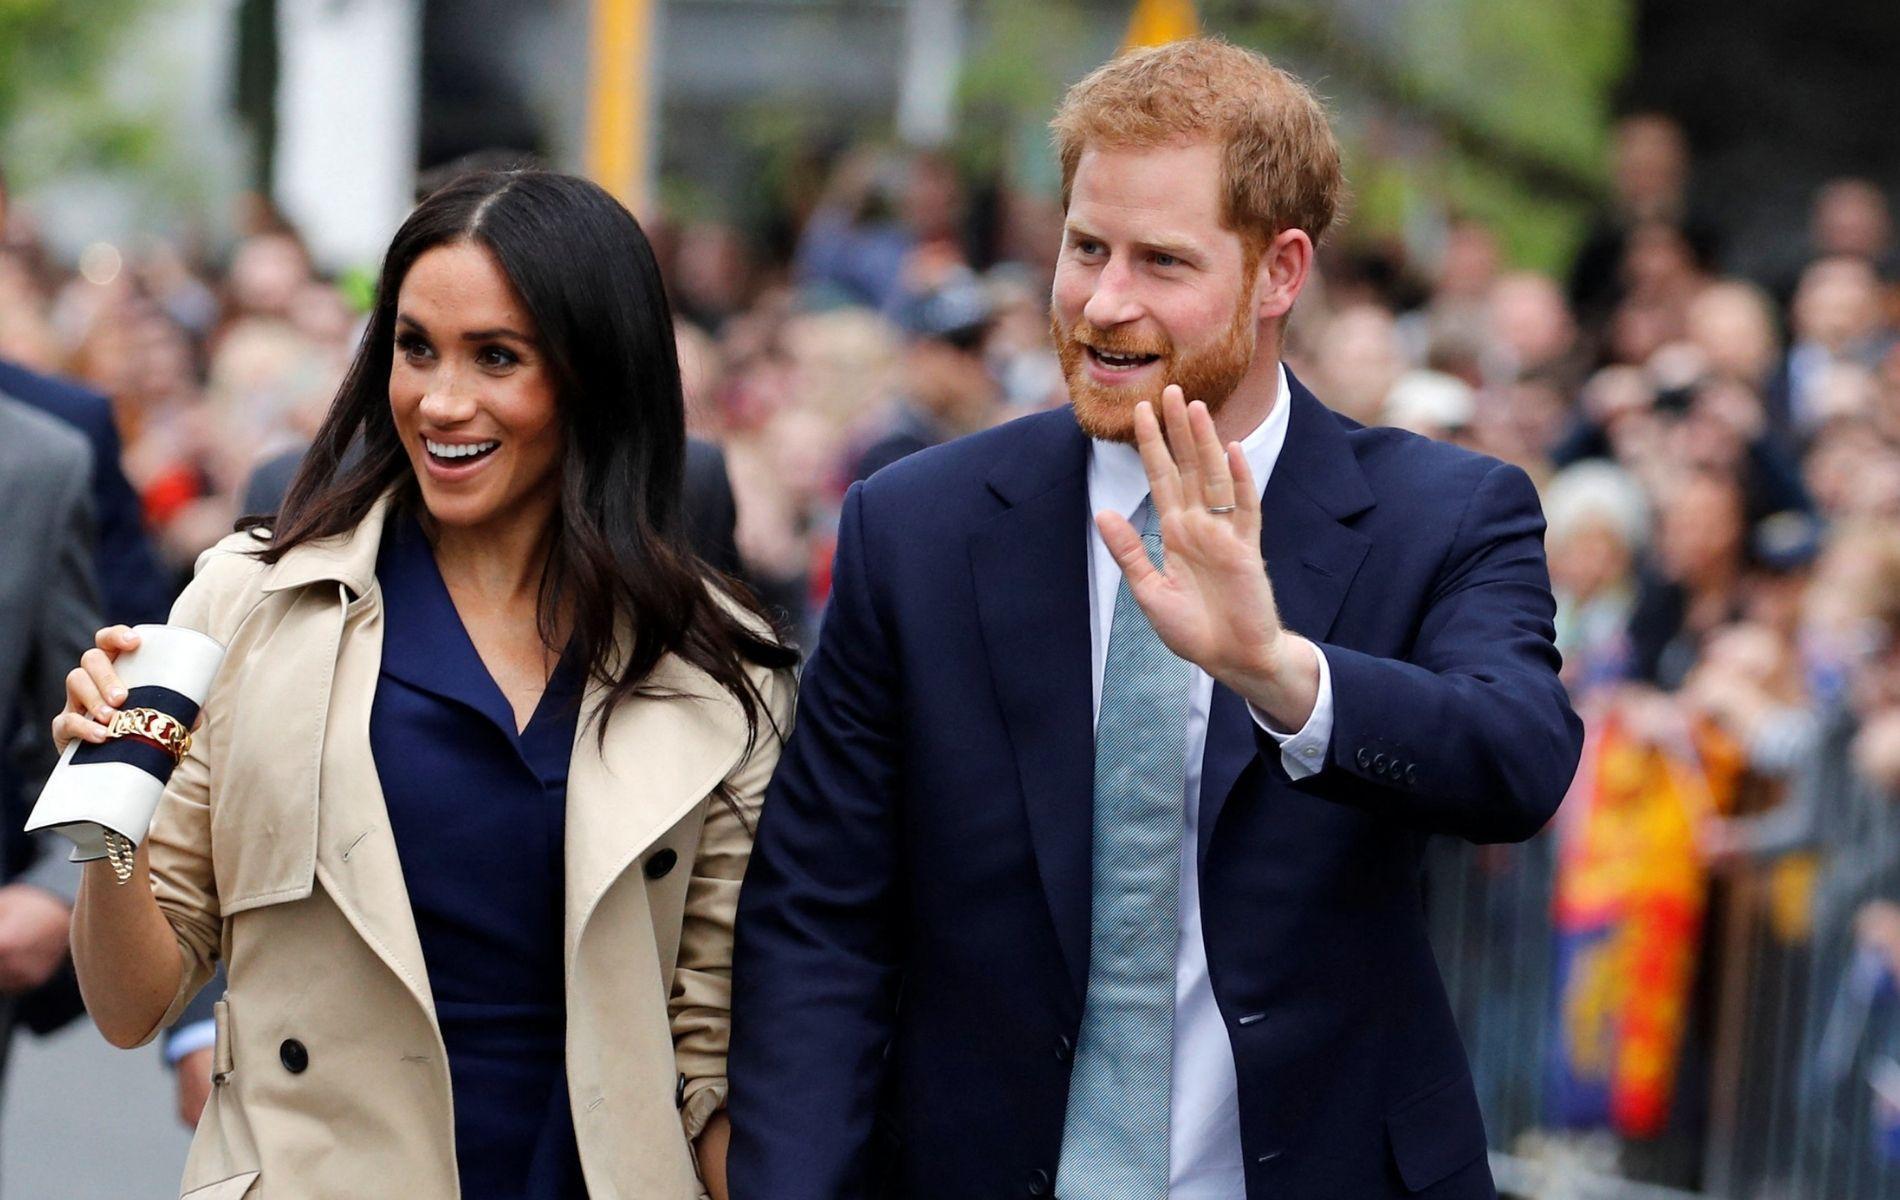 Le prince Harry et Meghan Markle ont demandé la permission à la reine d'appeler leur fille Lilibet